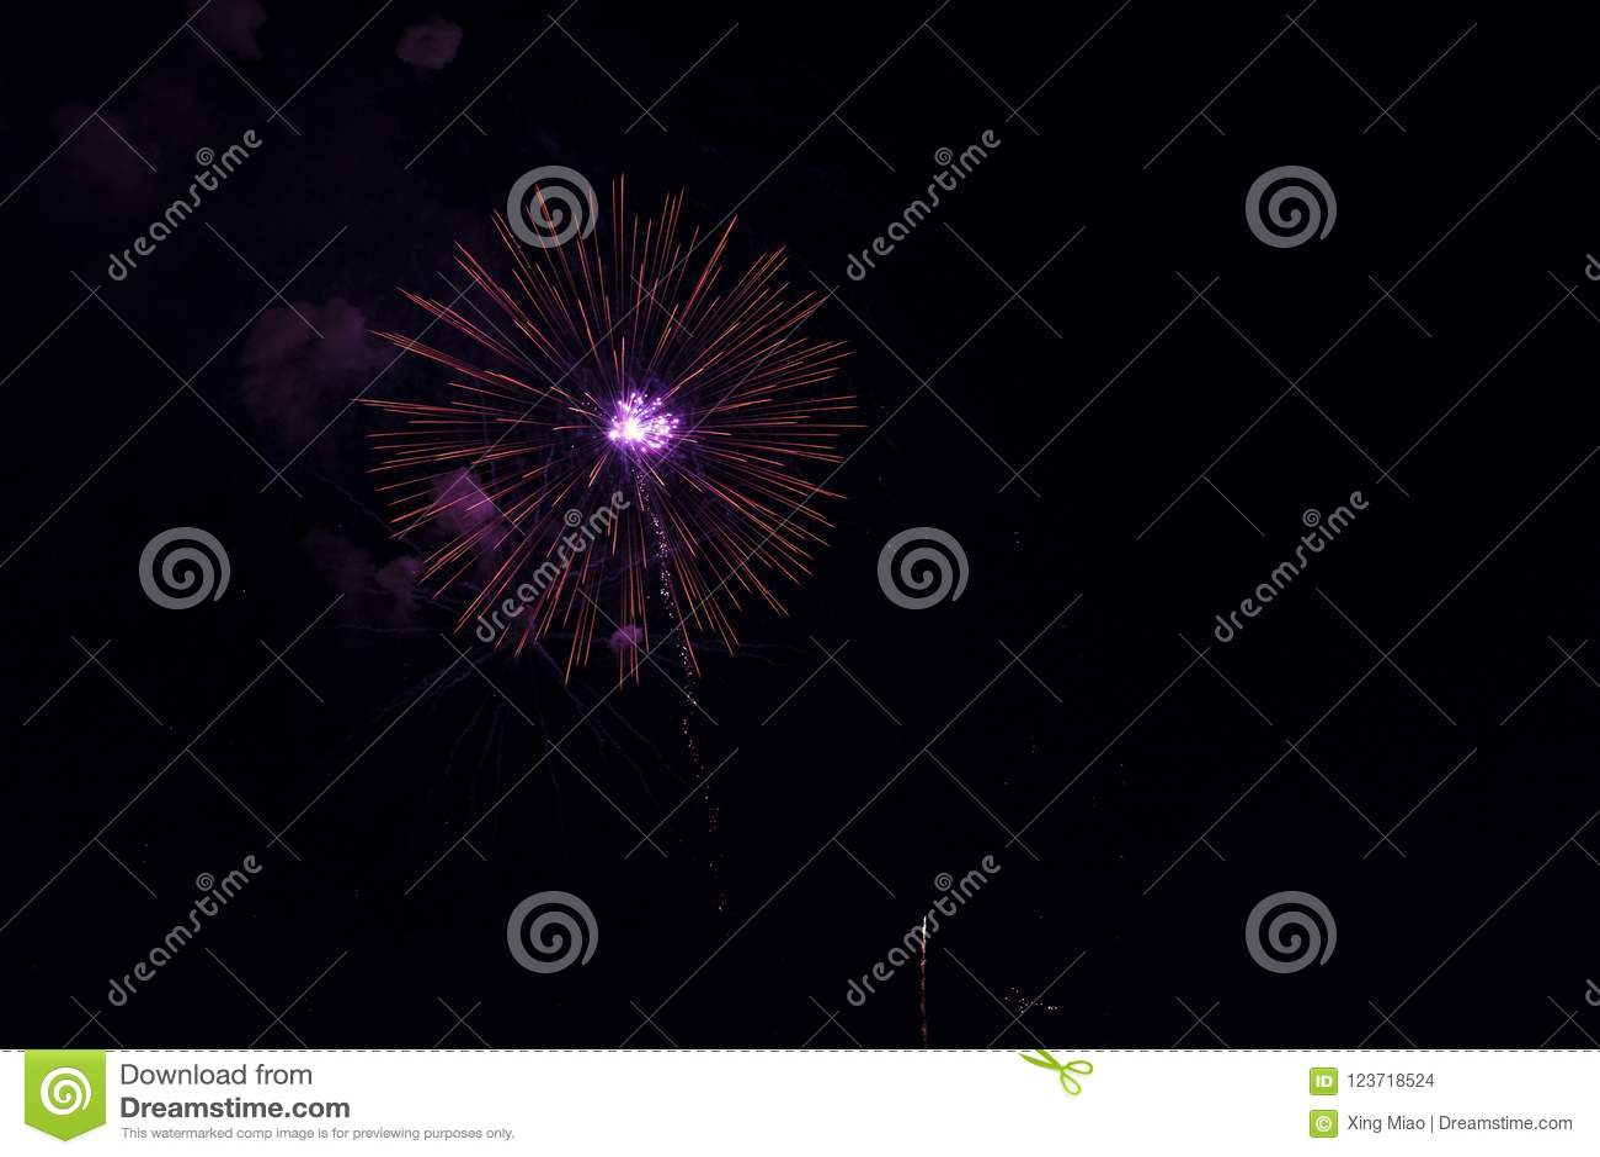 Fuochi d artificio multipli in cielo notturno in una composizione in tonalità rosse